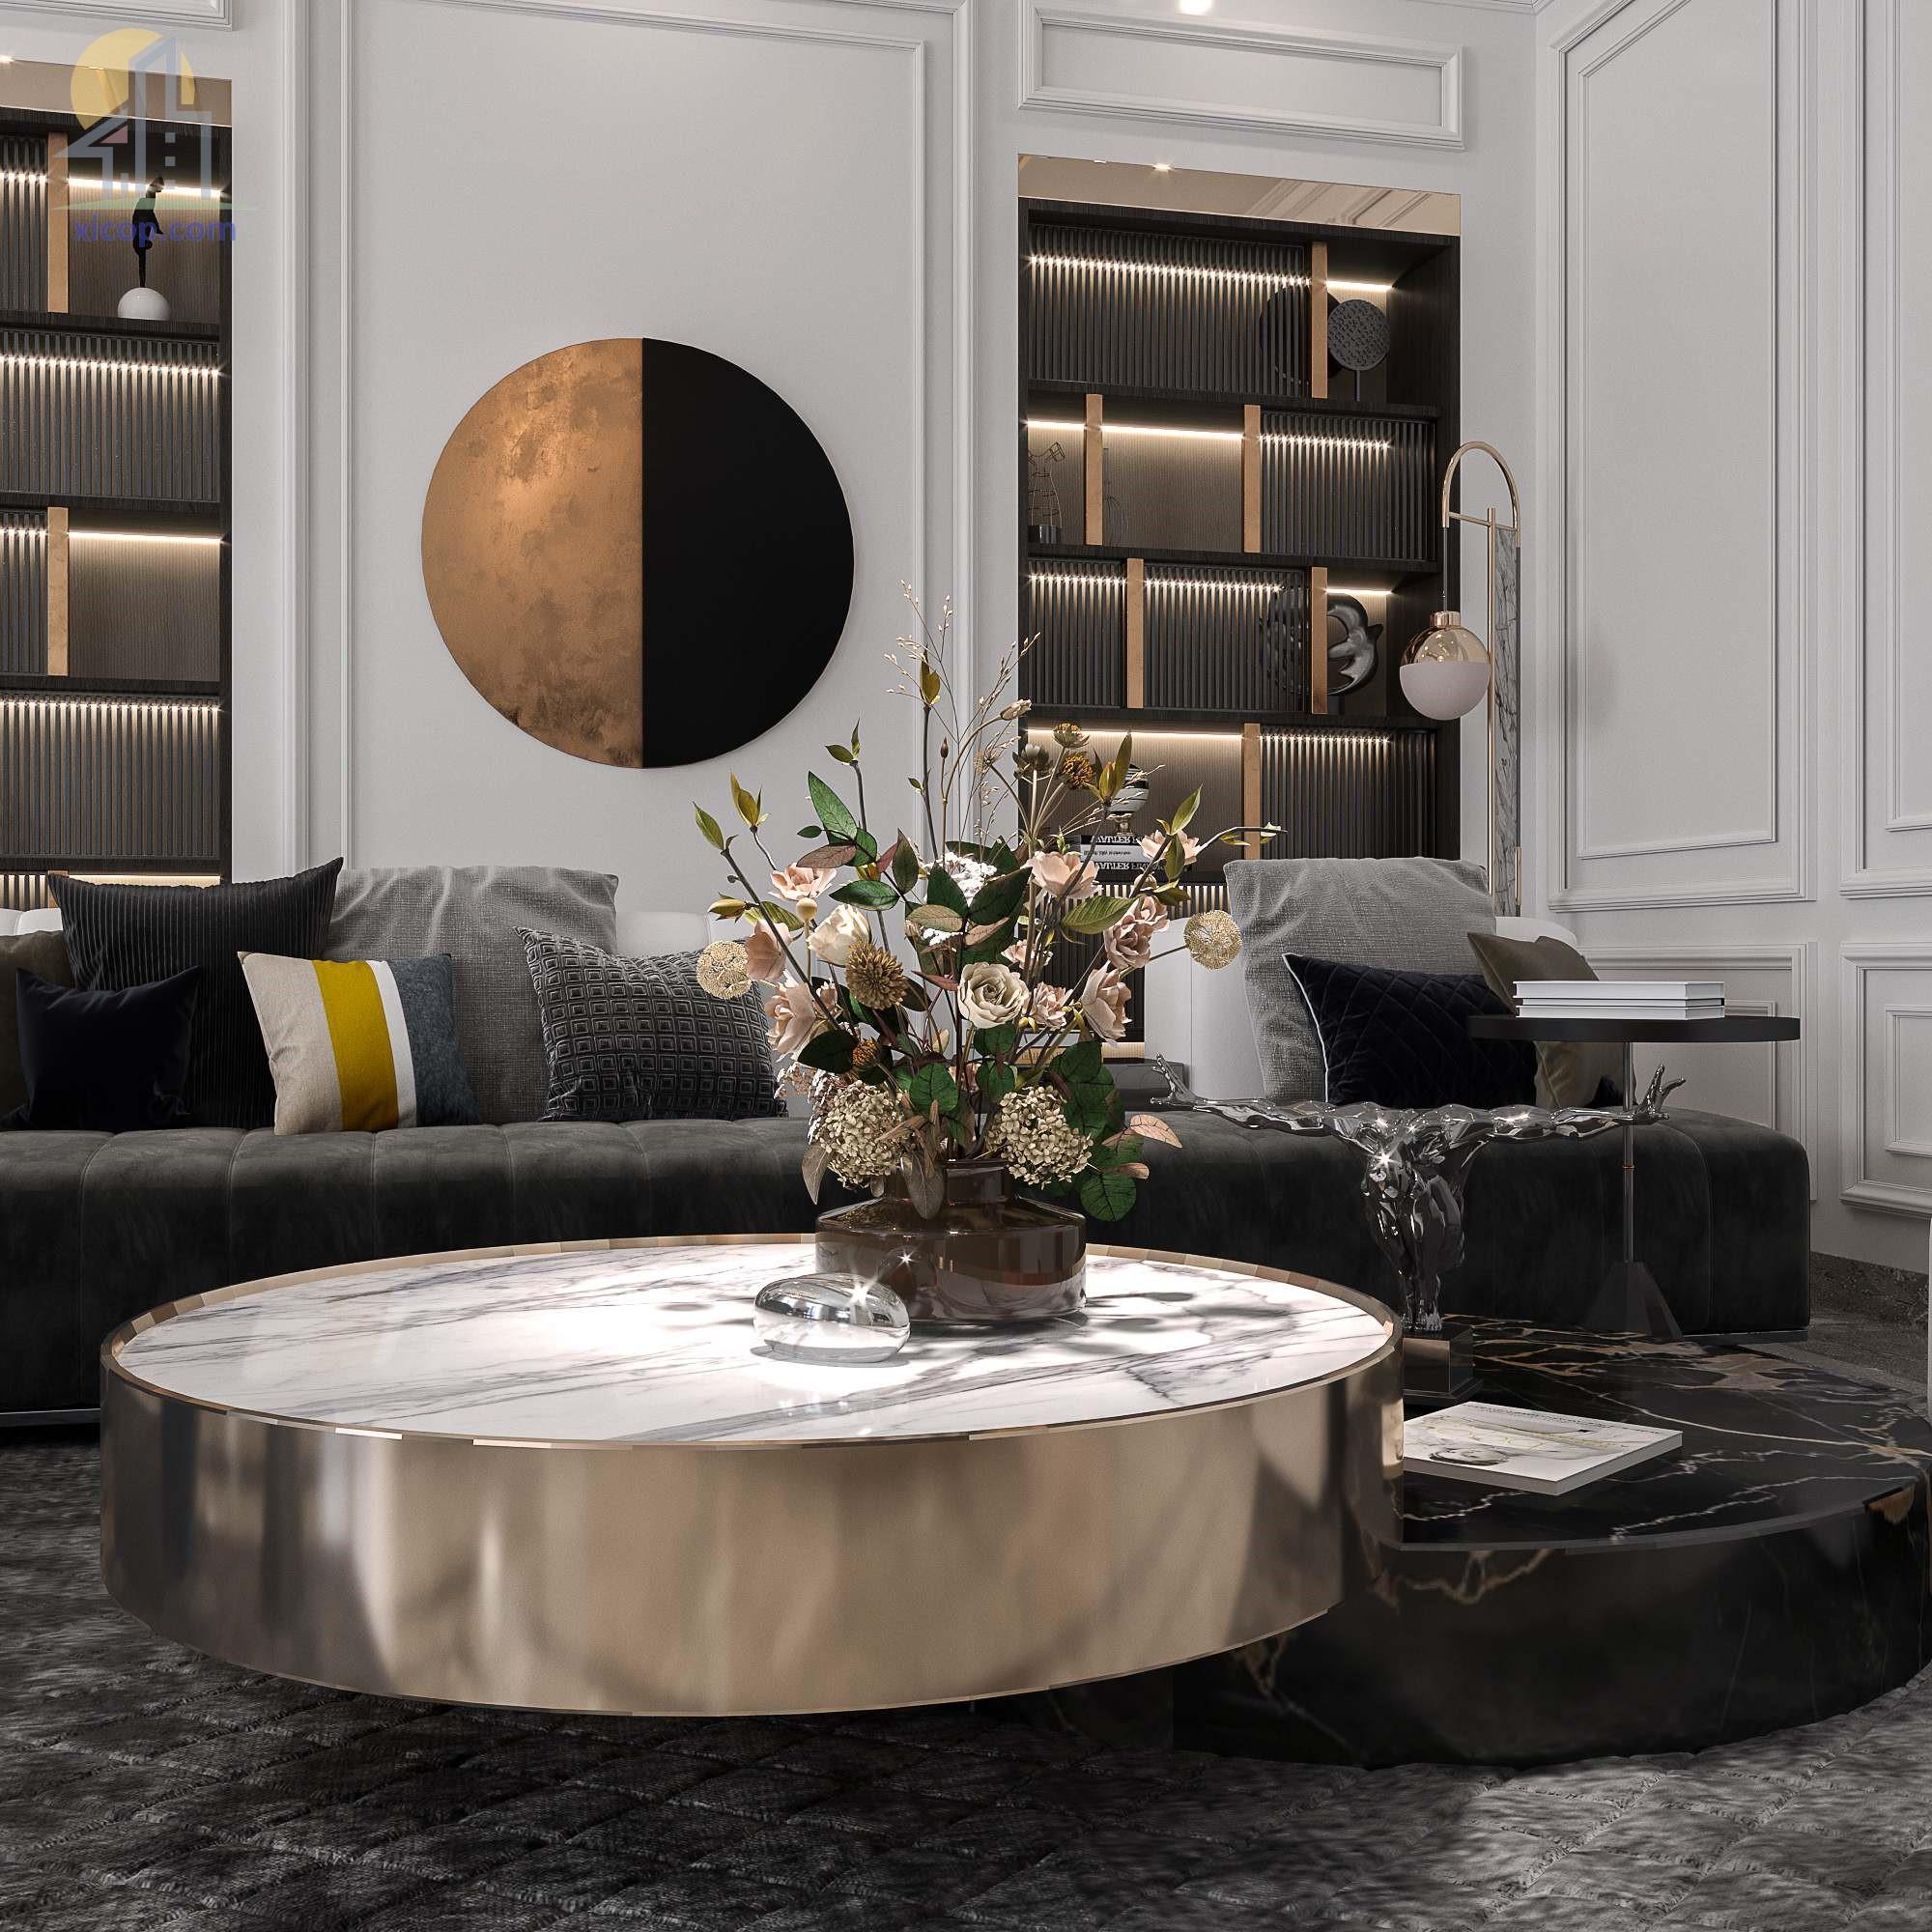 Mẫu nội thất chung cư đẹp các mẫu thiết kế hiện đại đơn giản 19